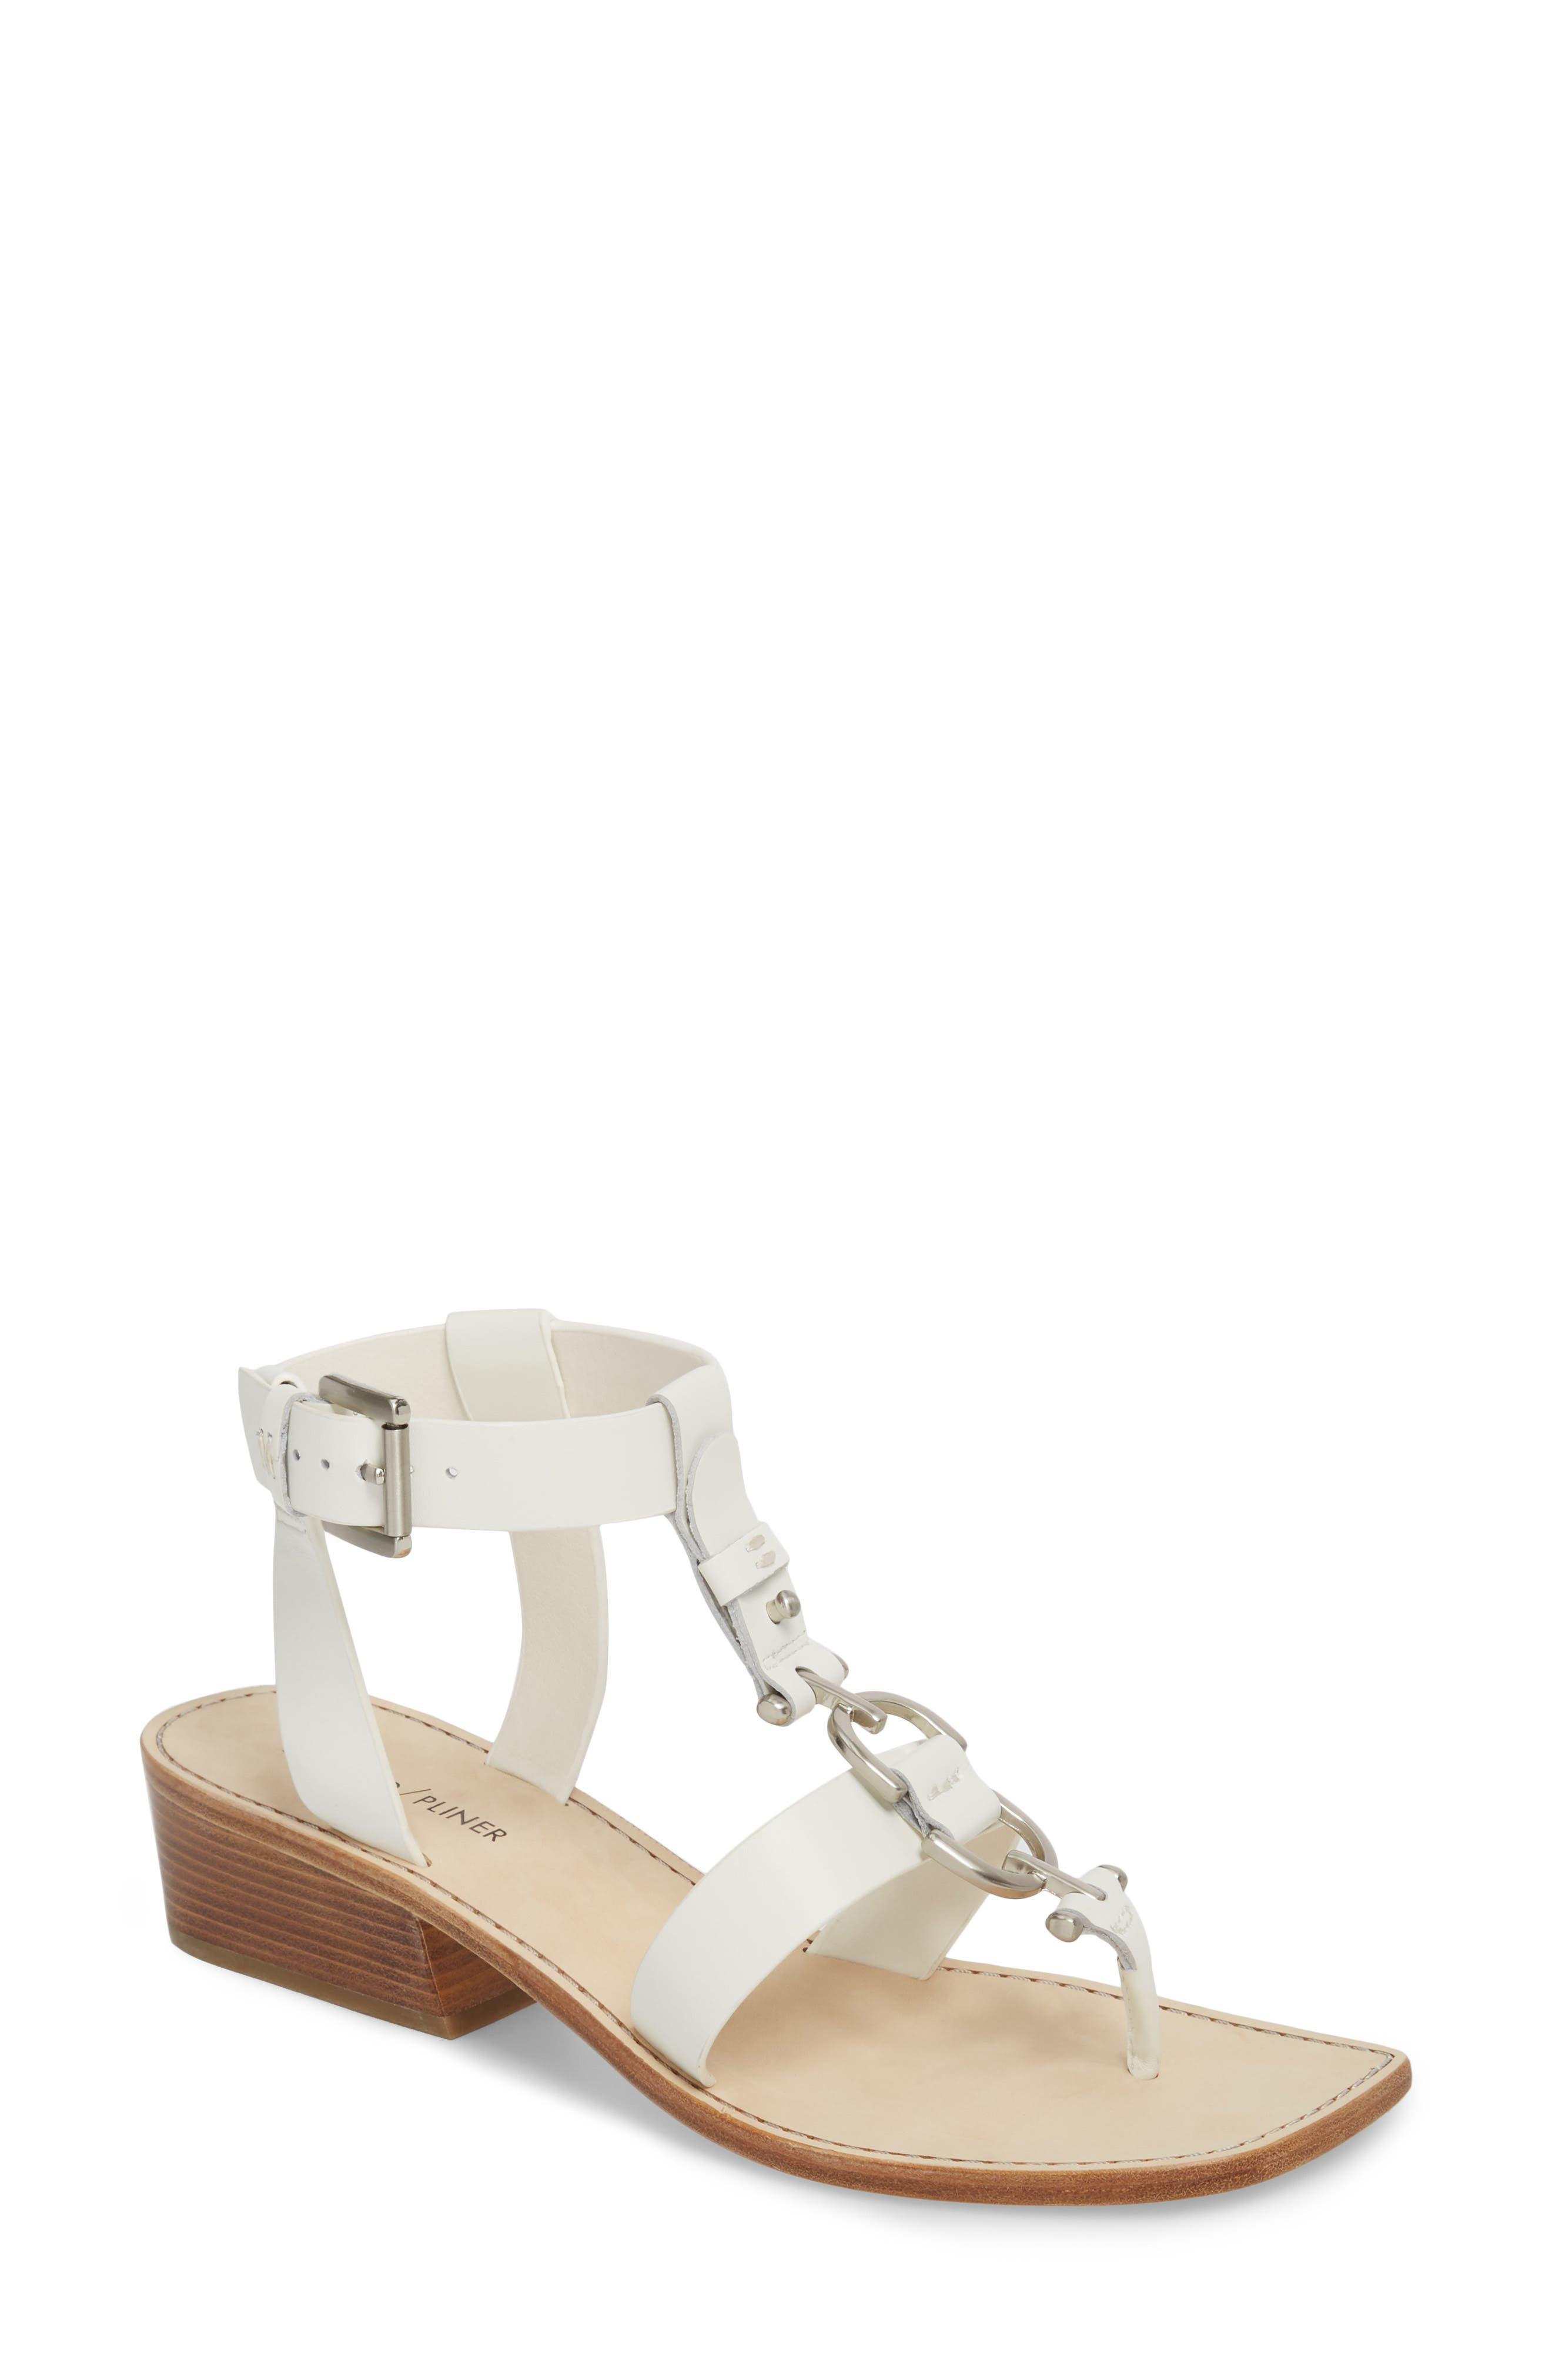 DONALD PLINER Dena Leather Sandal in White